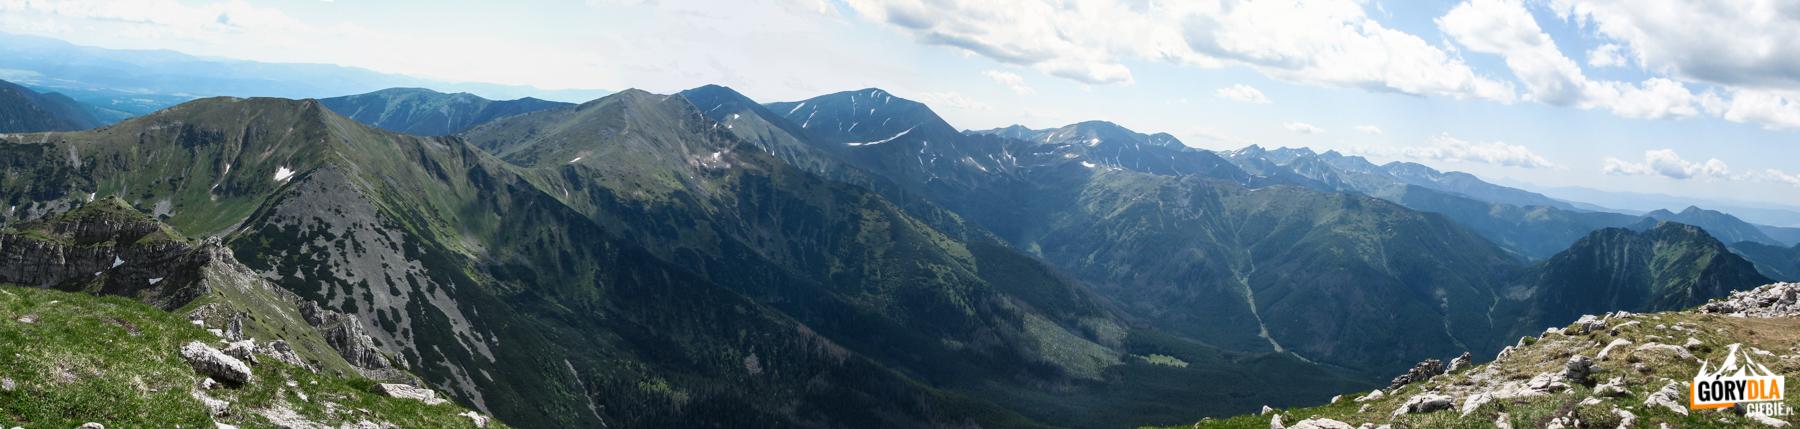 Panorama Tatr Zachodnich z Ciemniaka (2096 m)